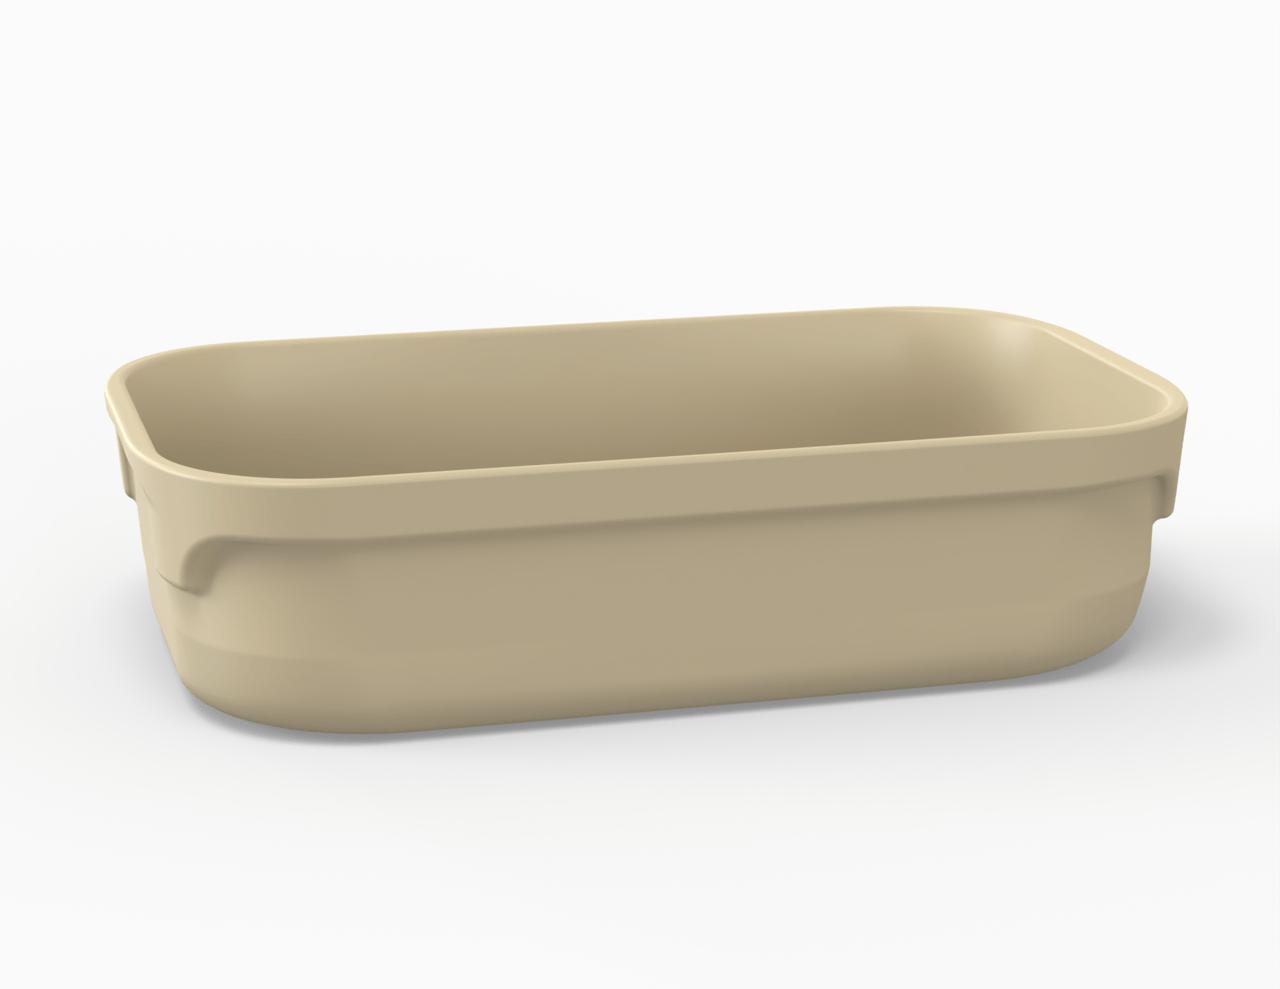 Terrine crème tachetée 3100 cm3